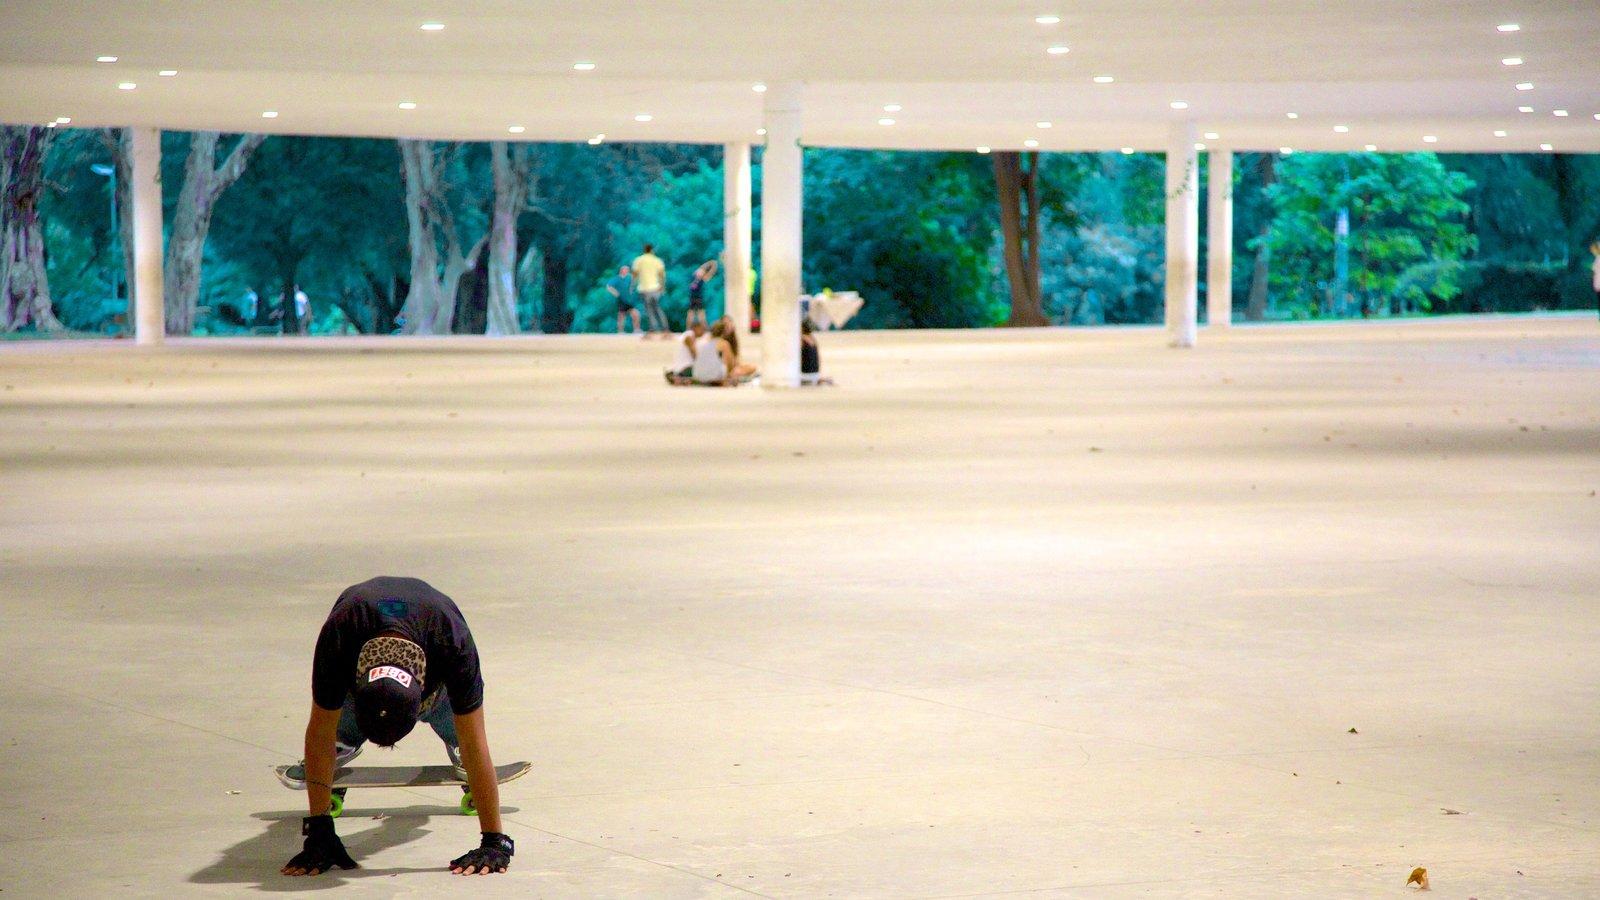 Parque do Ibirapuera mostrando vistas internas e uma cidade assim como um homem sozinho